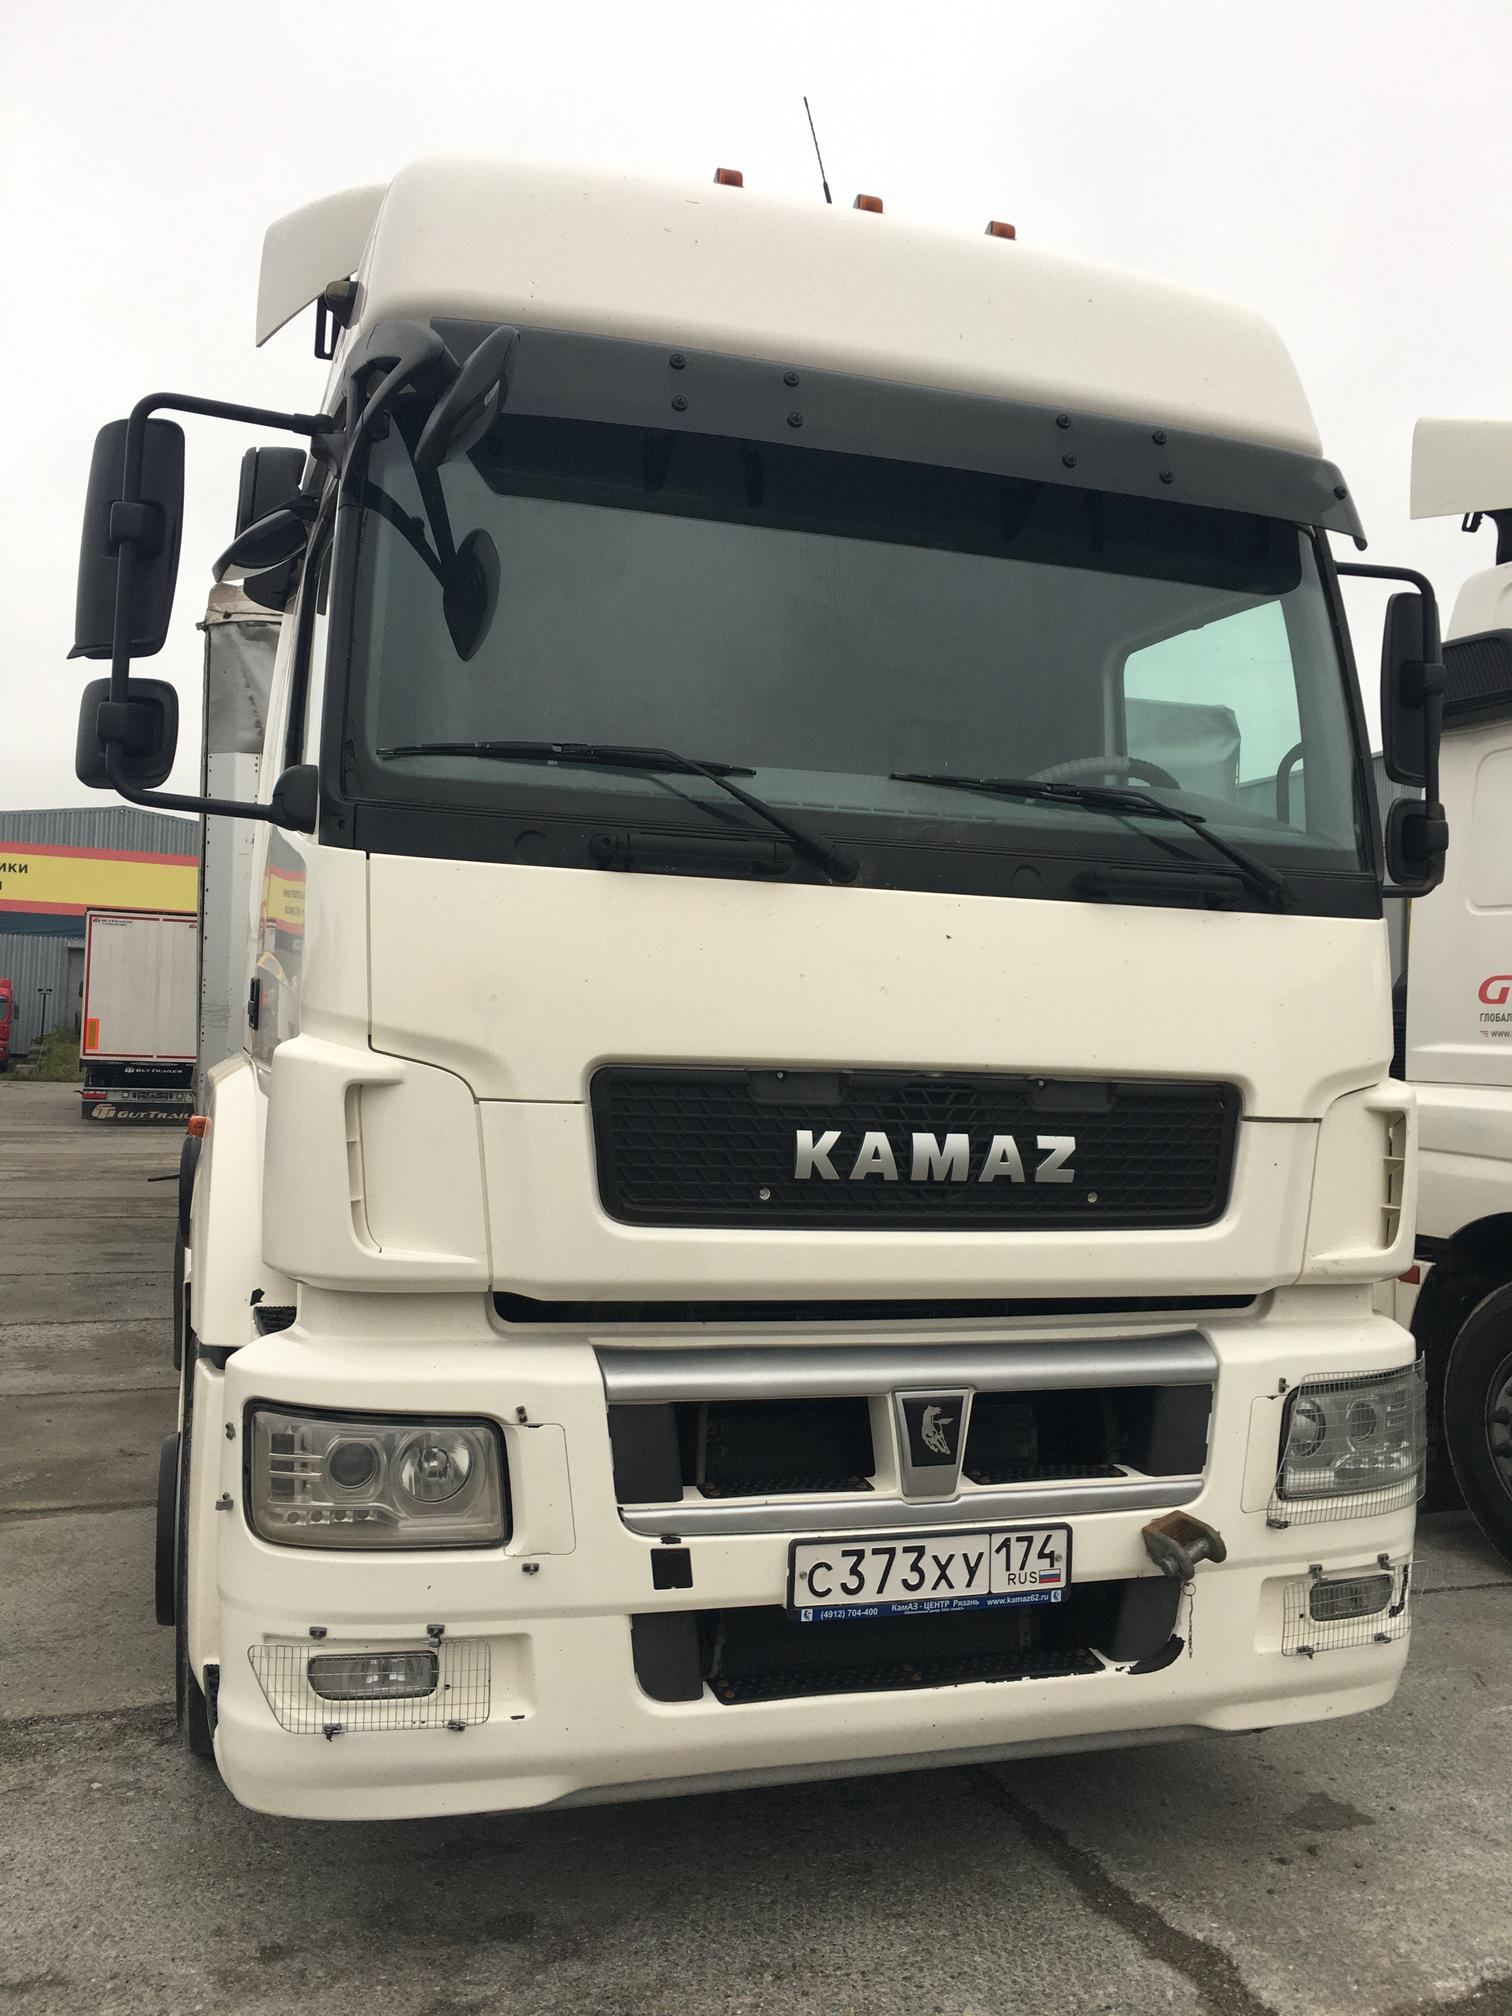 Седельный тягач КАМАЗ 5490-S5, 2015 г.в. с пробегом – фото 2